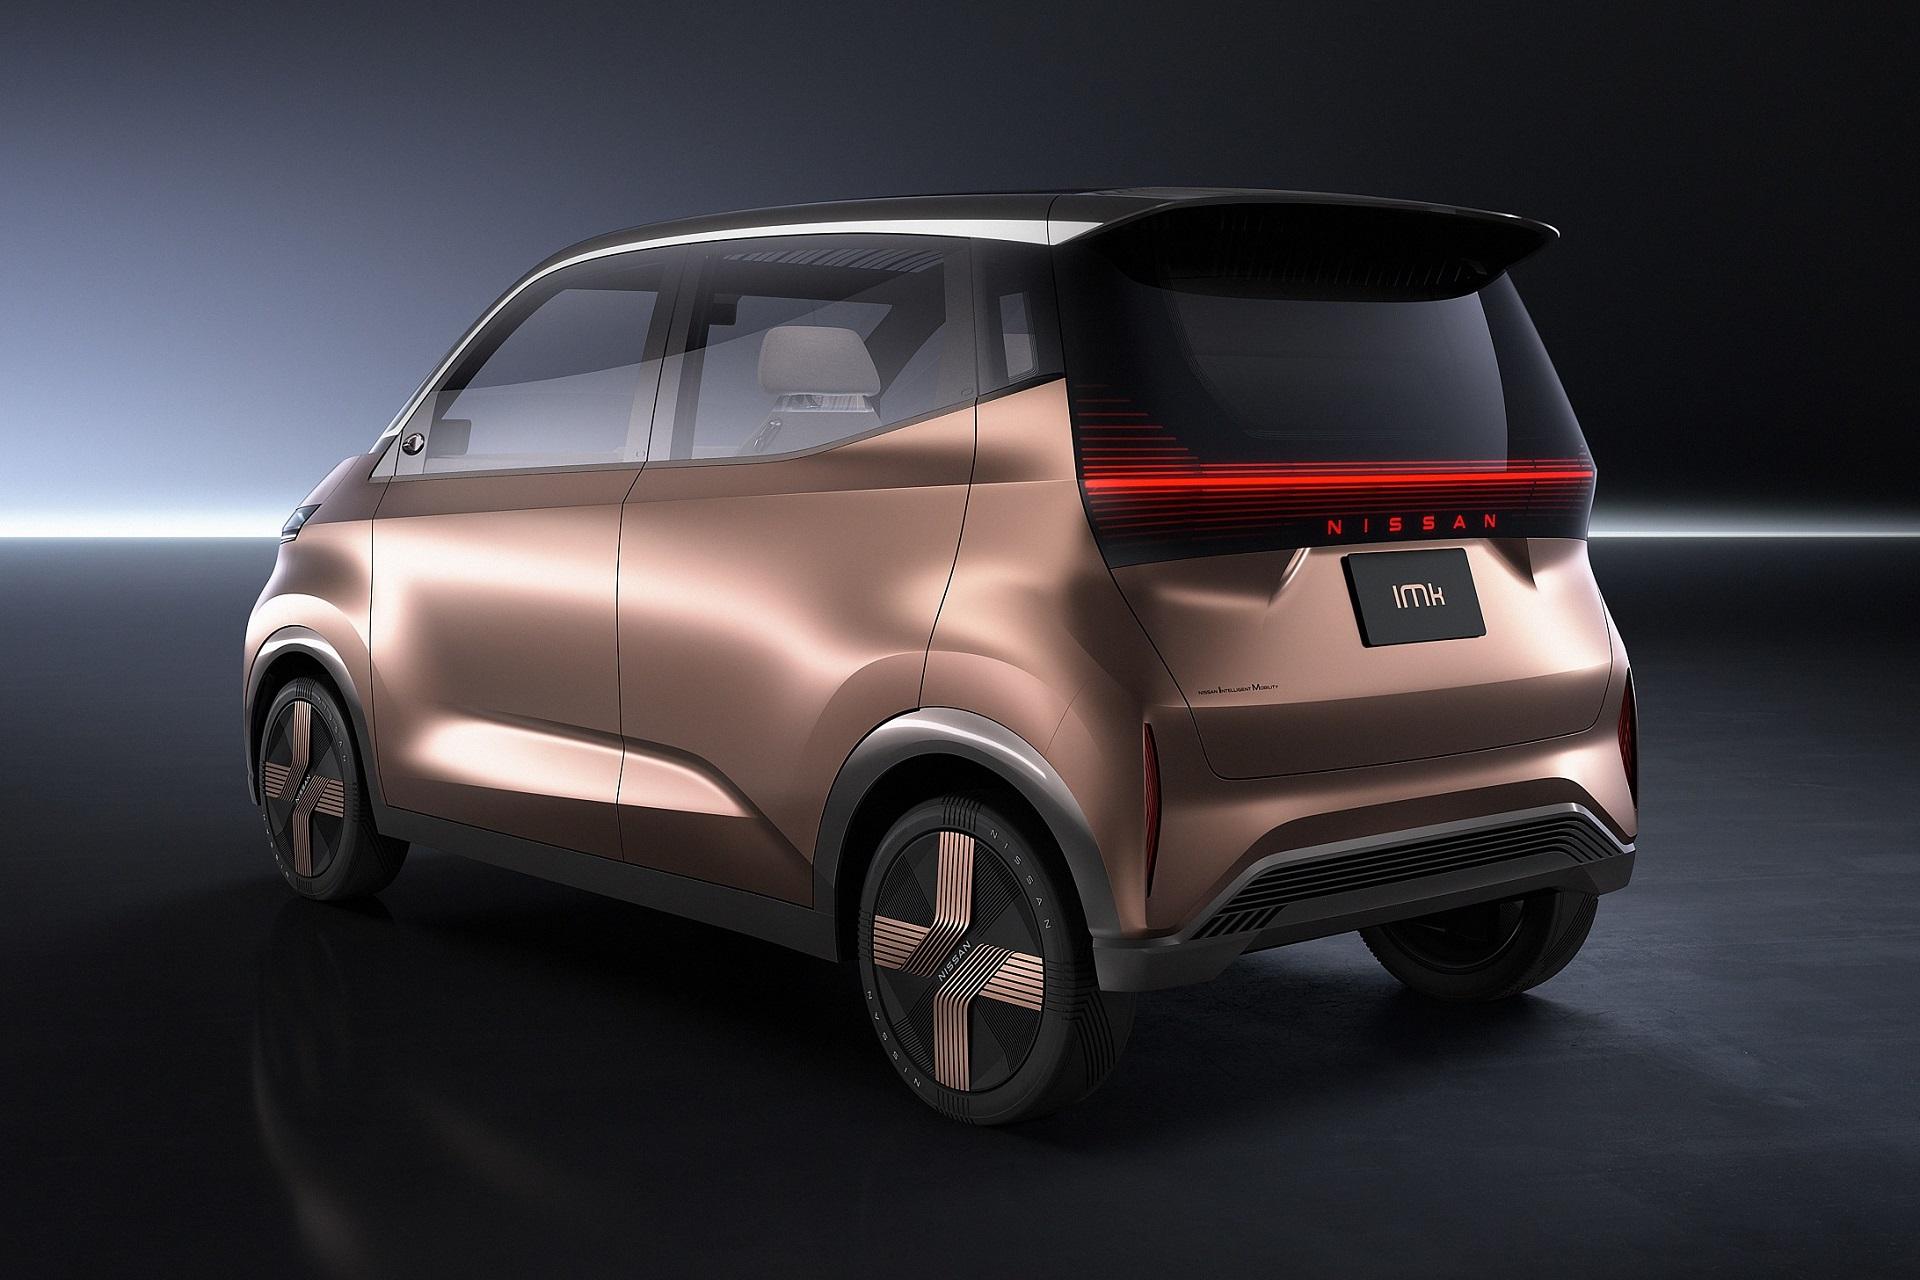 Một mẫu xe điện giá rẻ của Nissan. Ảnh: Nissan